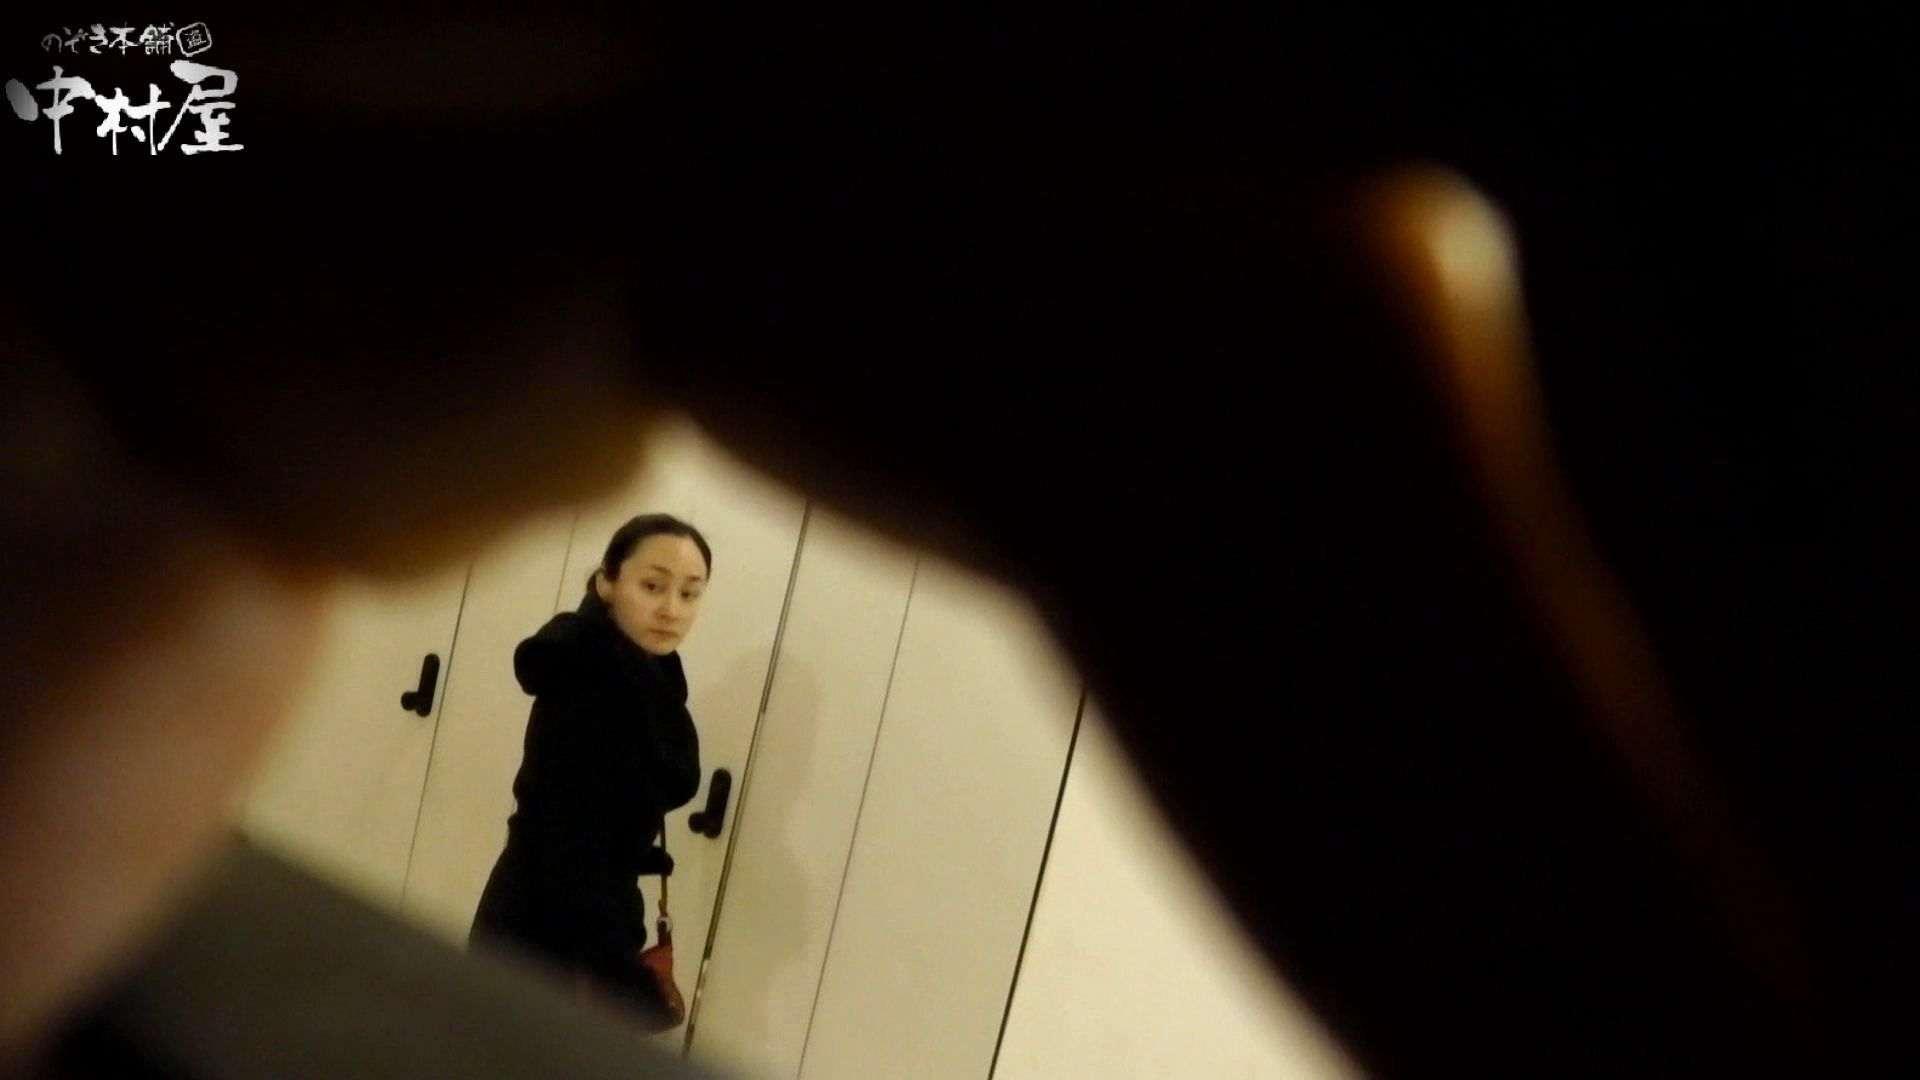 新世界の射窓 No70 世界の窓70 八頭身美女のエロい中腰 美女のカラダ | 洗面所  13pic 3